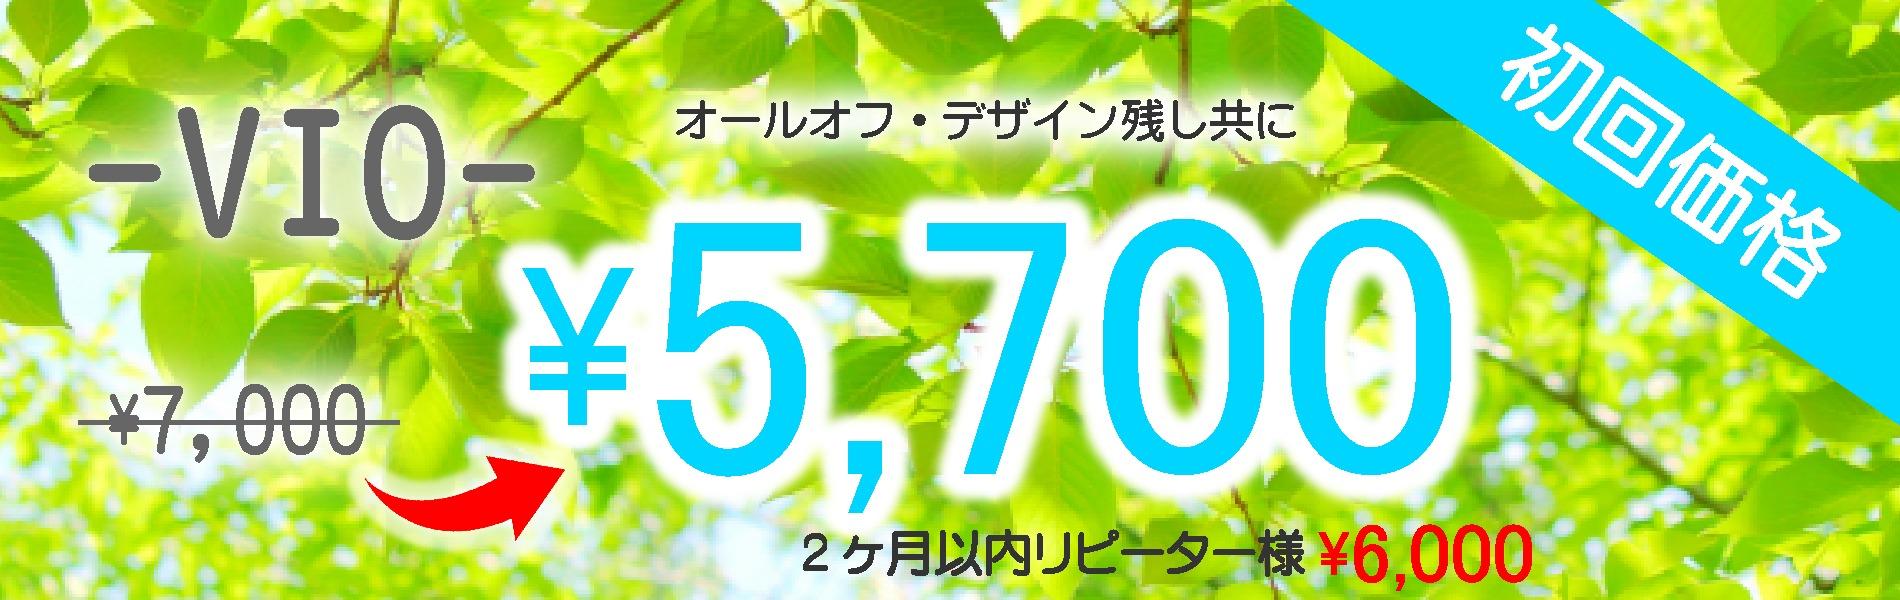 VIO初回価格5,700円!